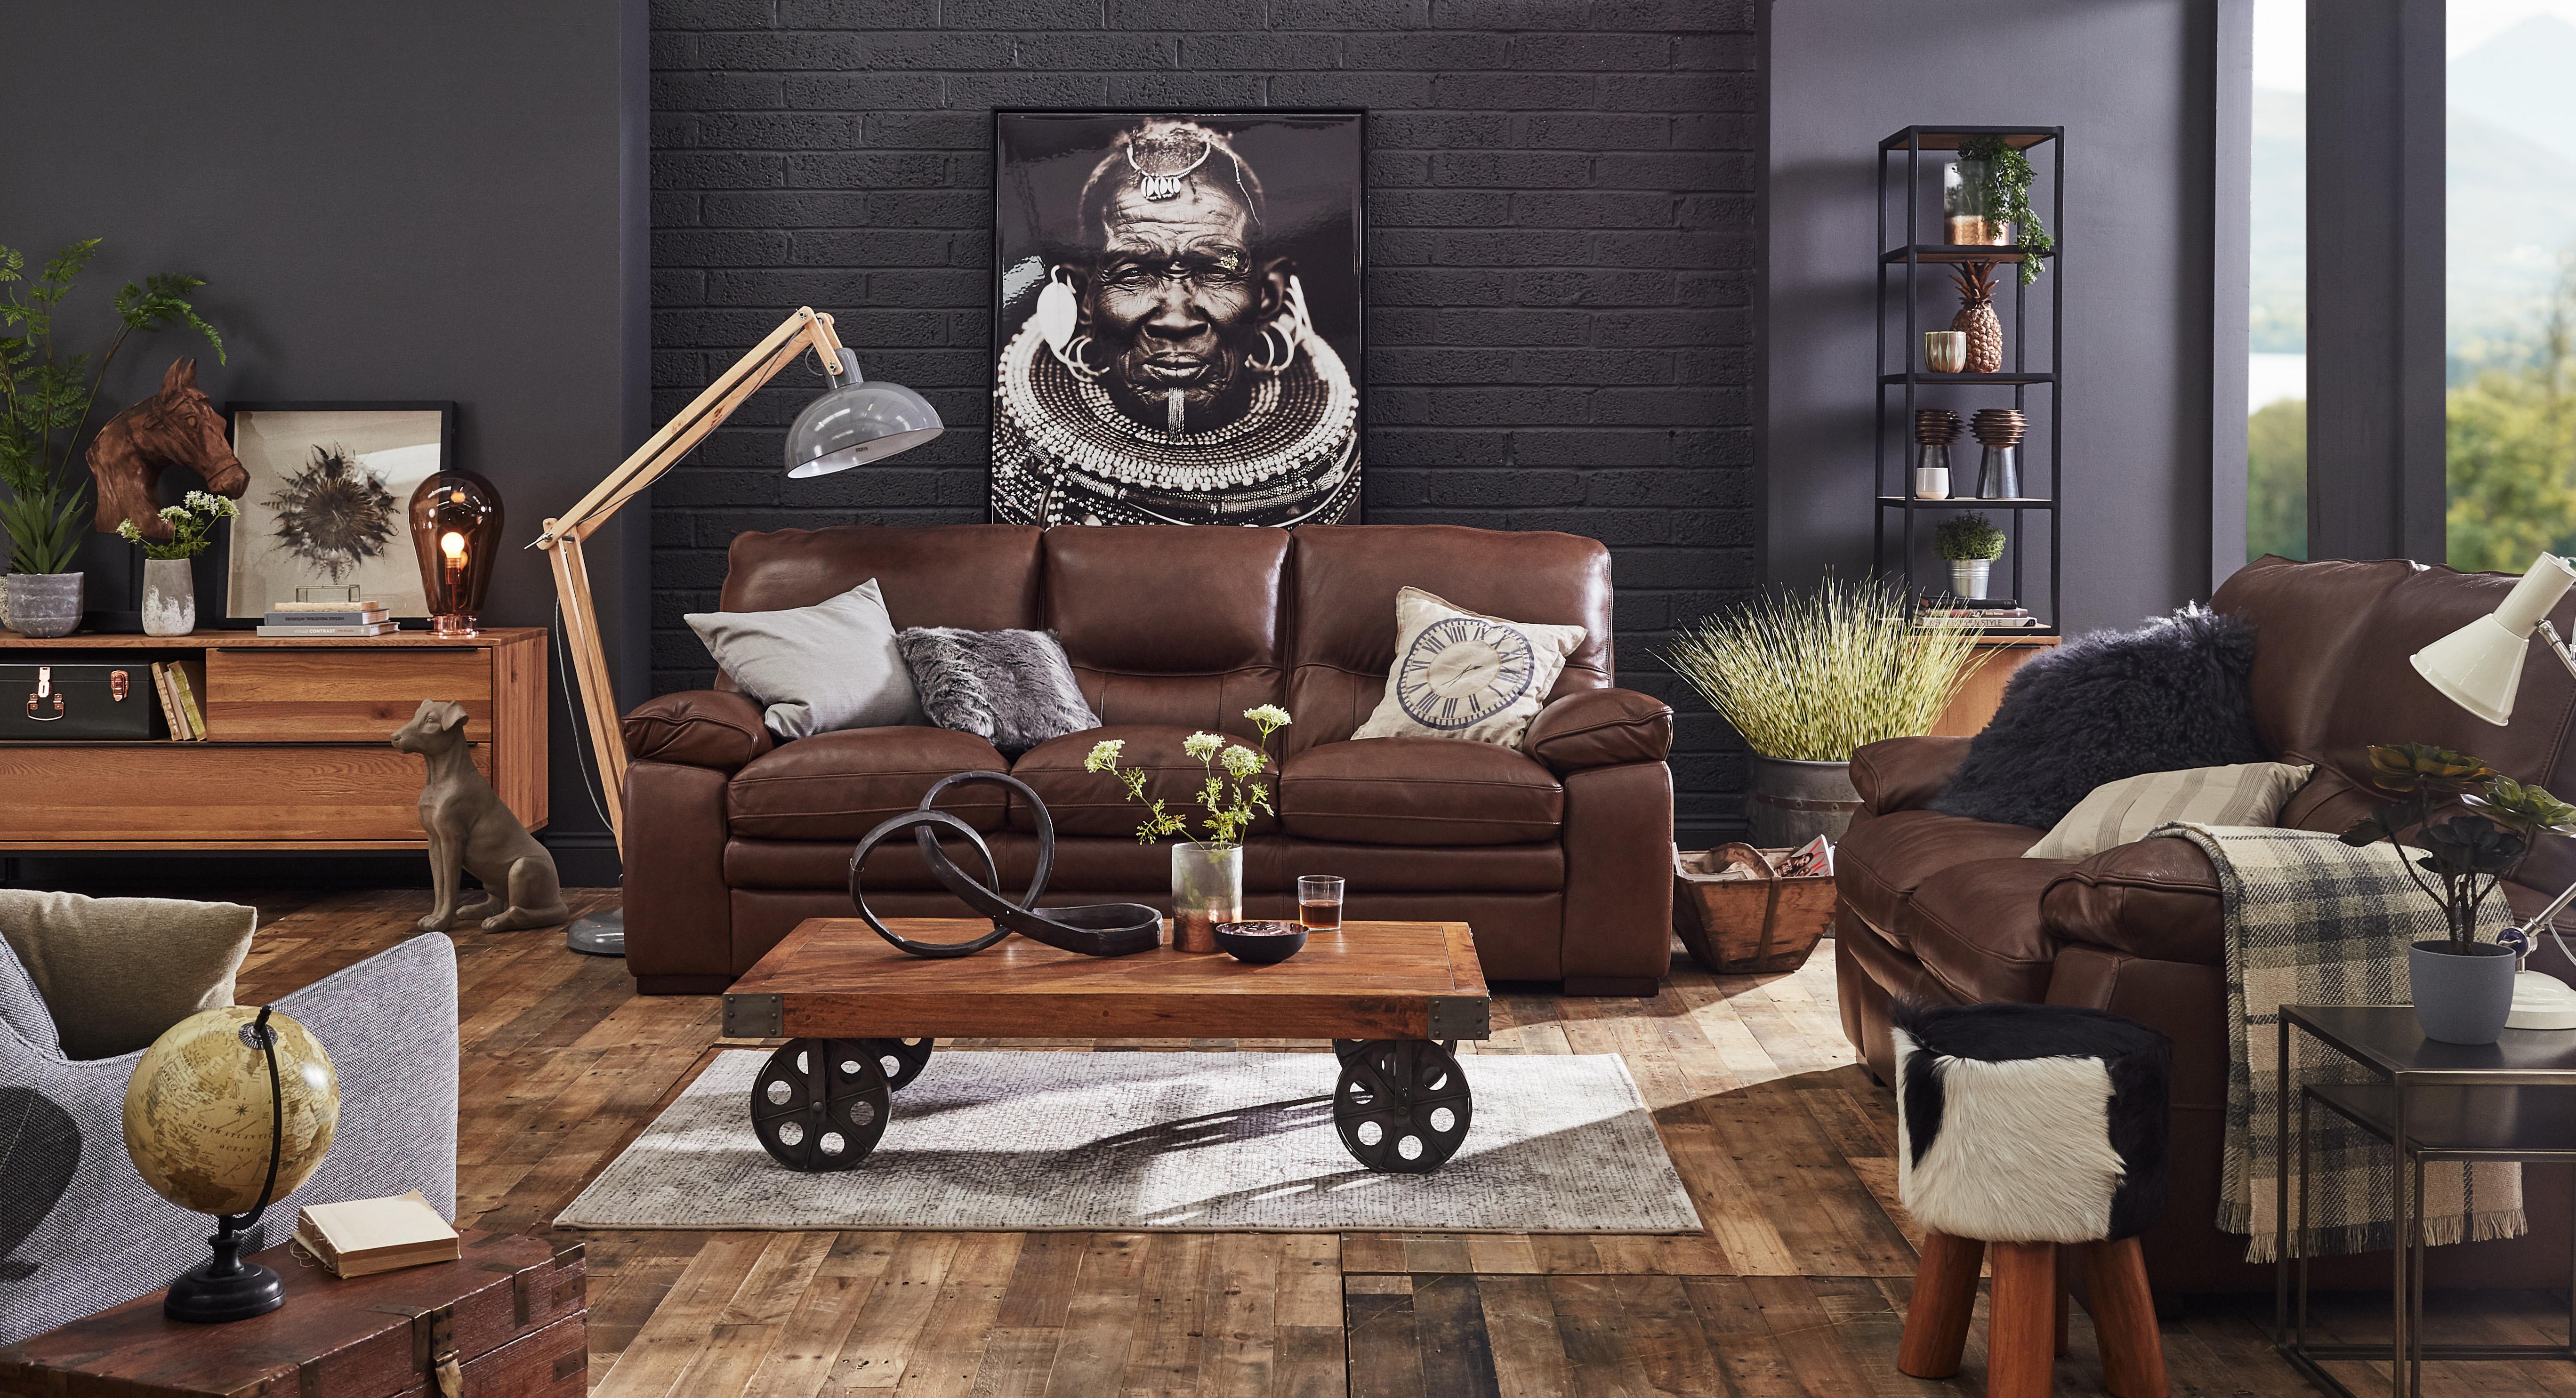 Easyfurn Tv Meubel.Furniture Beds Rugs Flooring Nationwide Delivery Shop